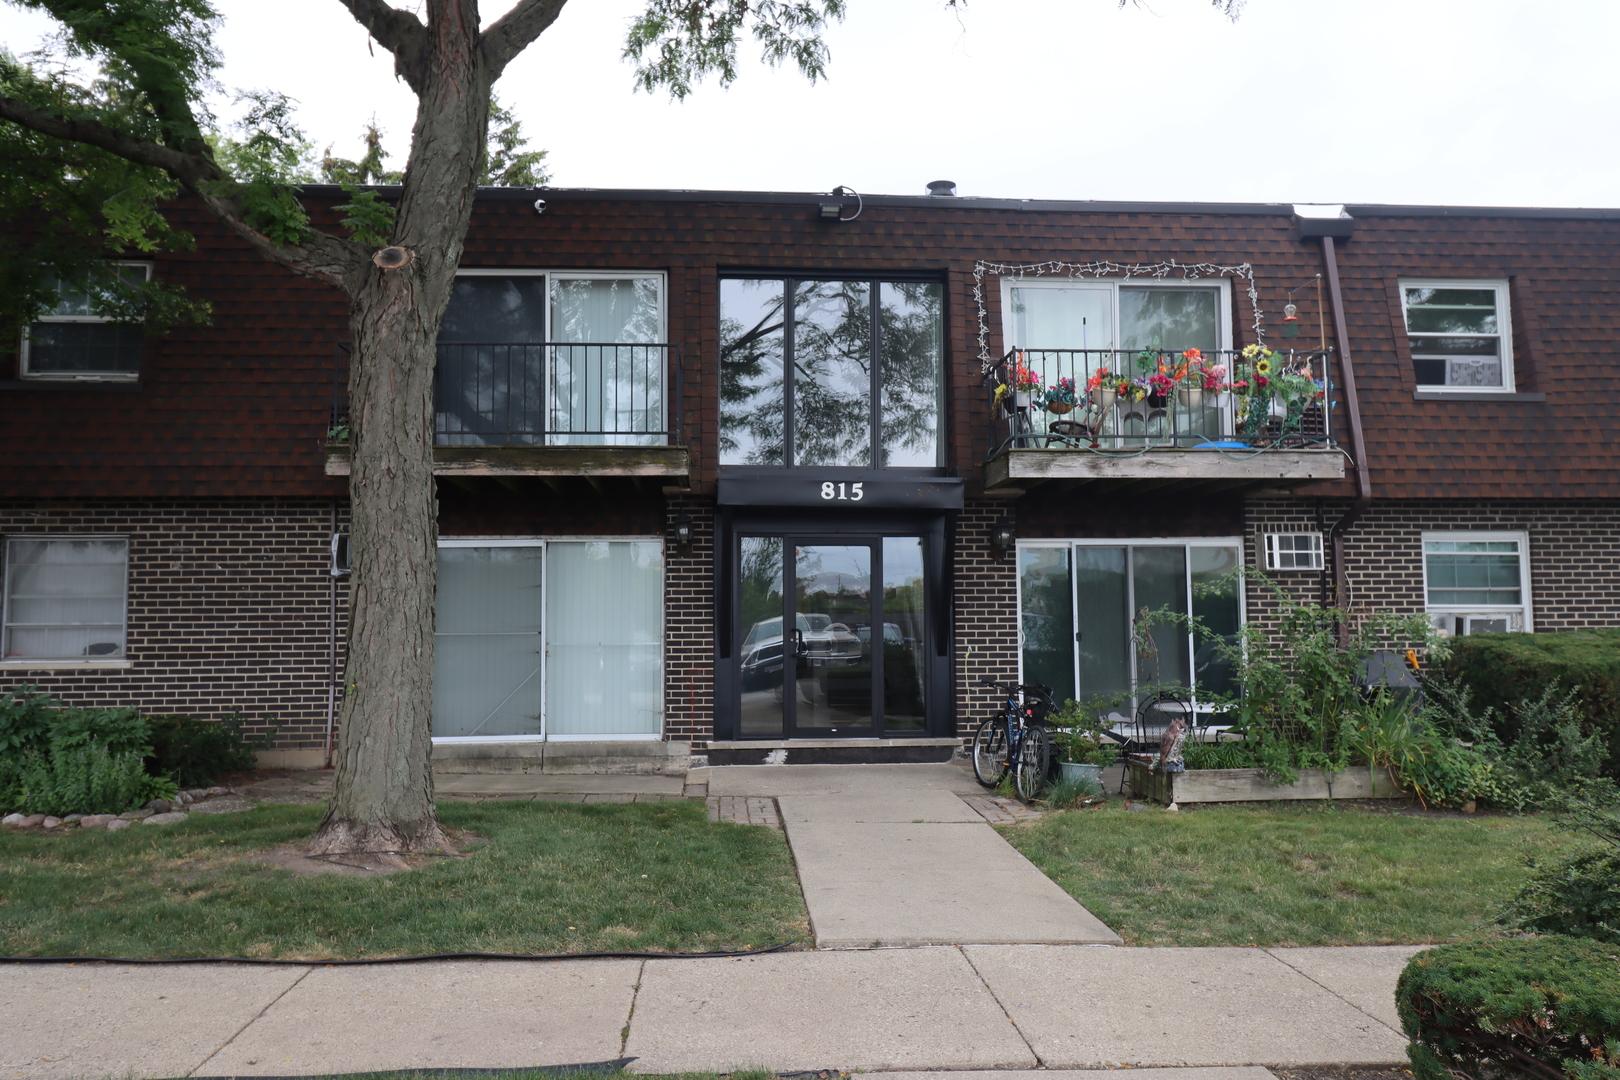 815 Grove Drive, Unit 112, Buffalo Grove, Il 60089